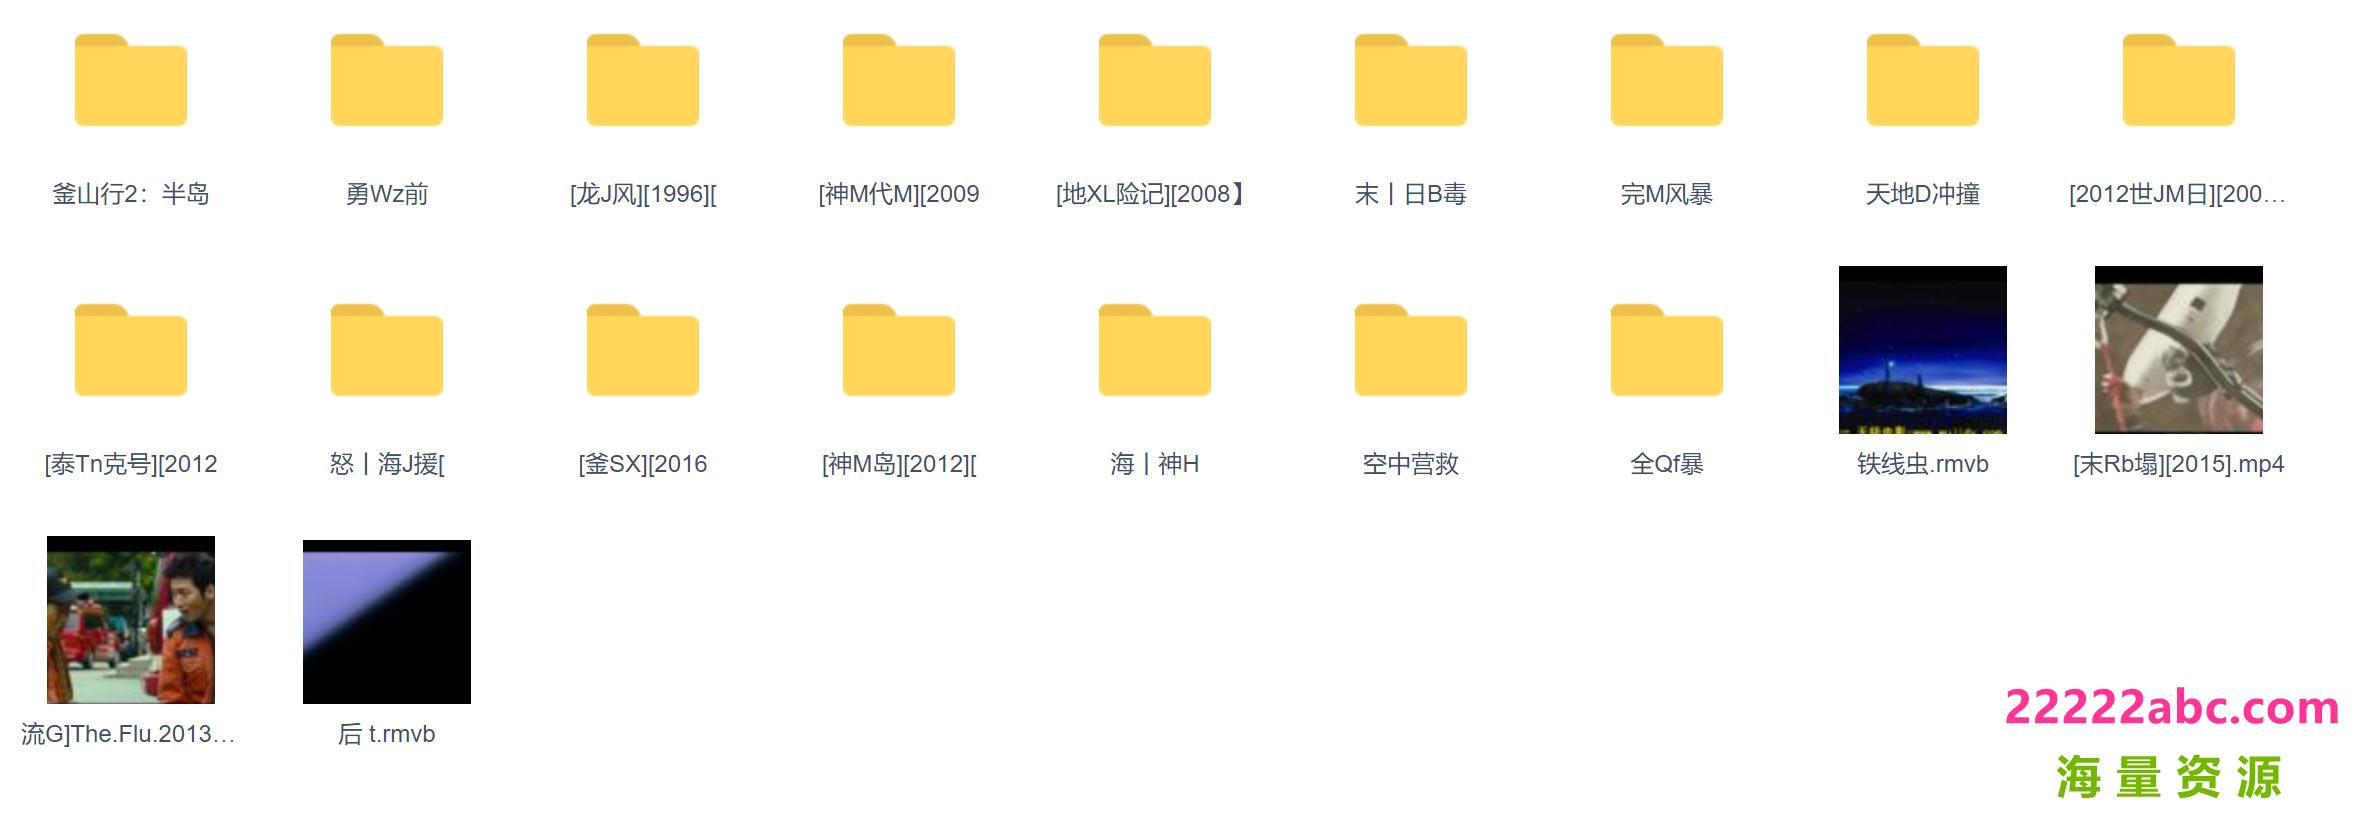 灾难题材电影66部合集 高清 4k|1080p高清